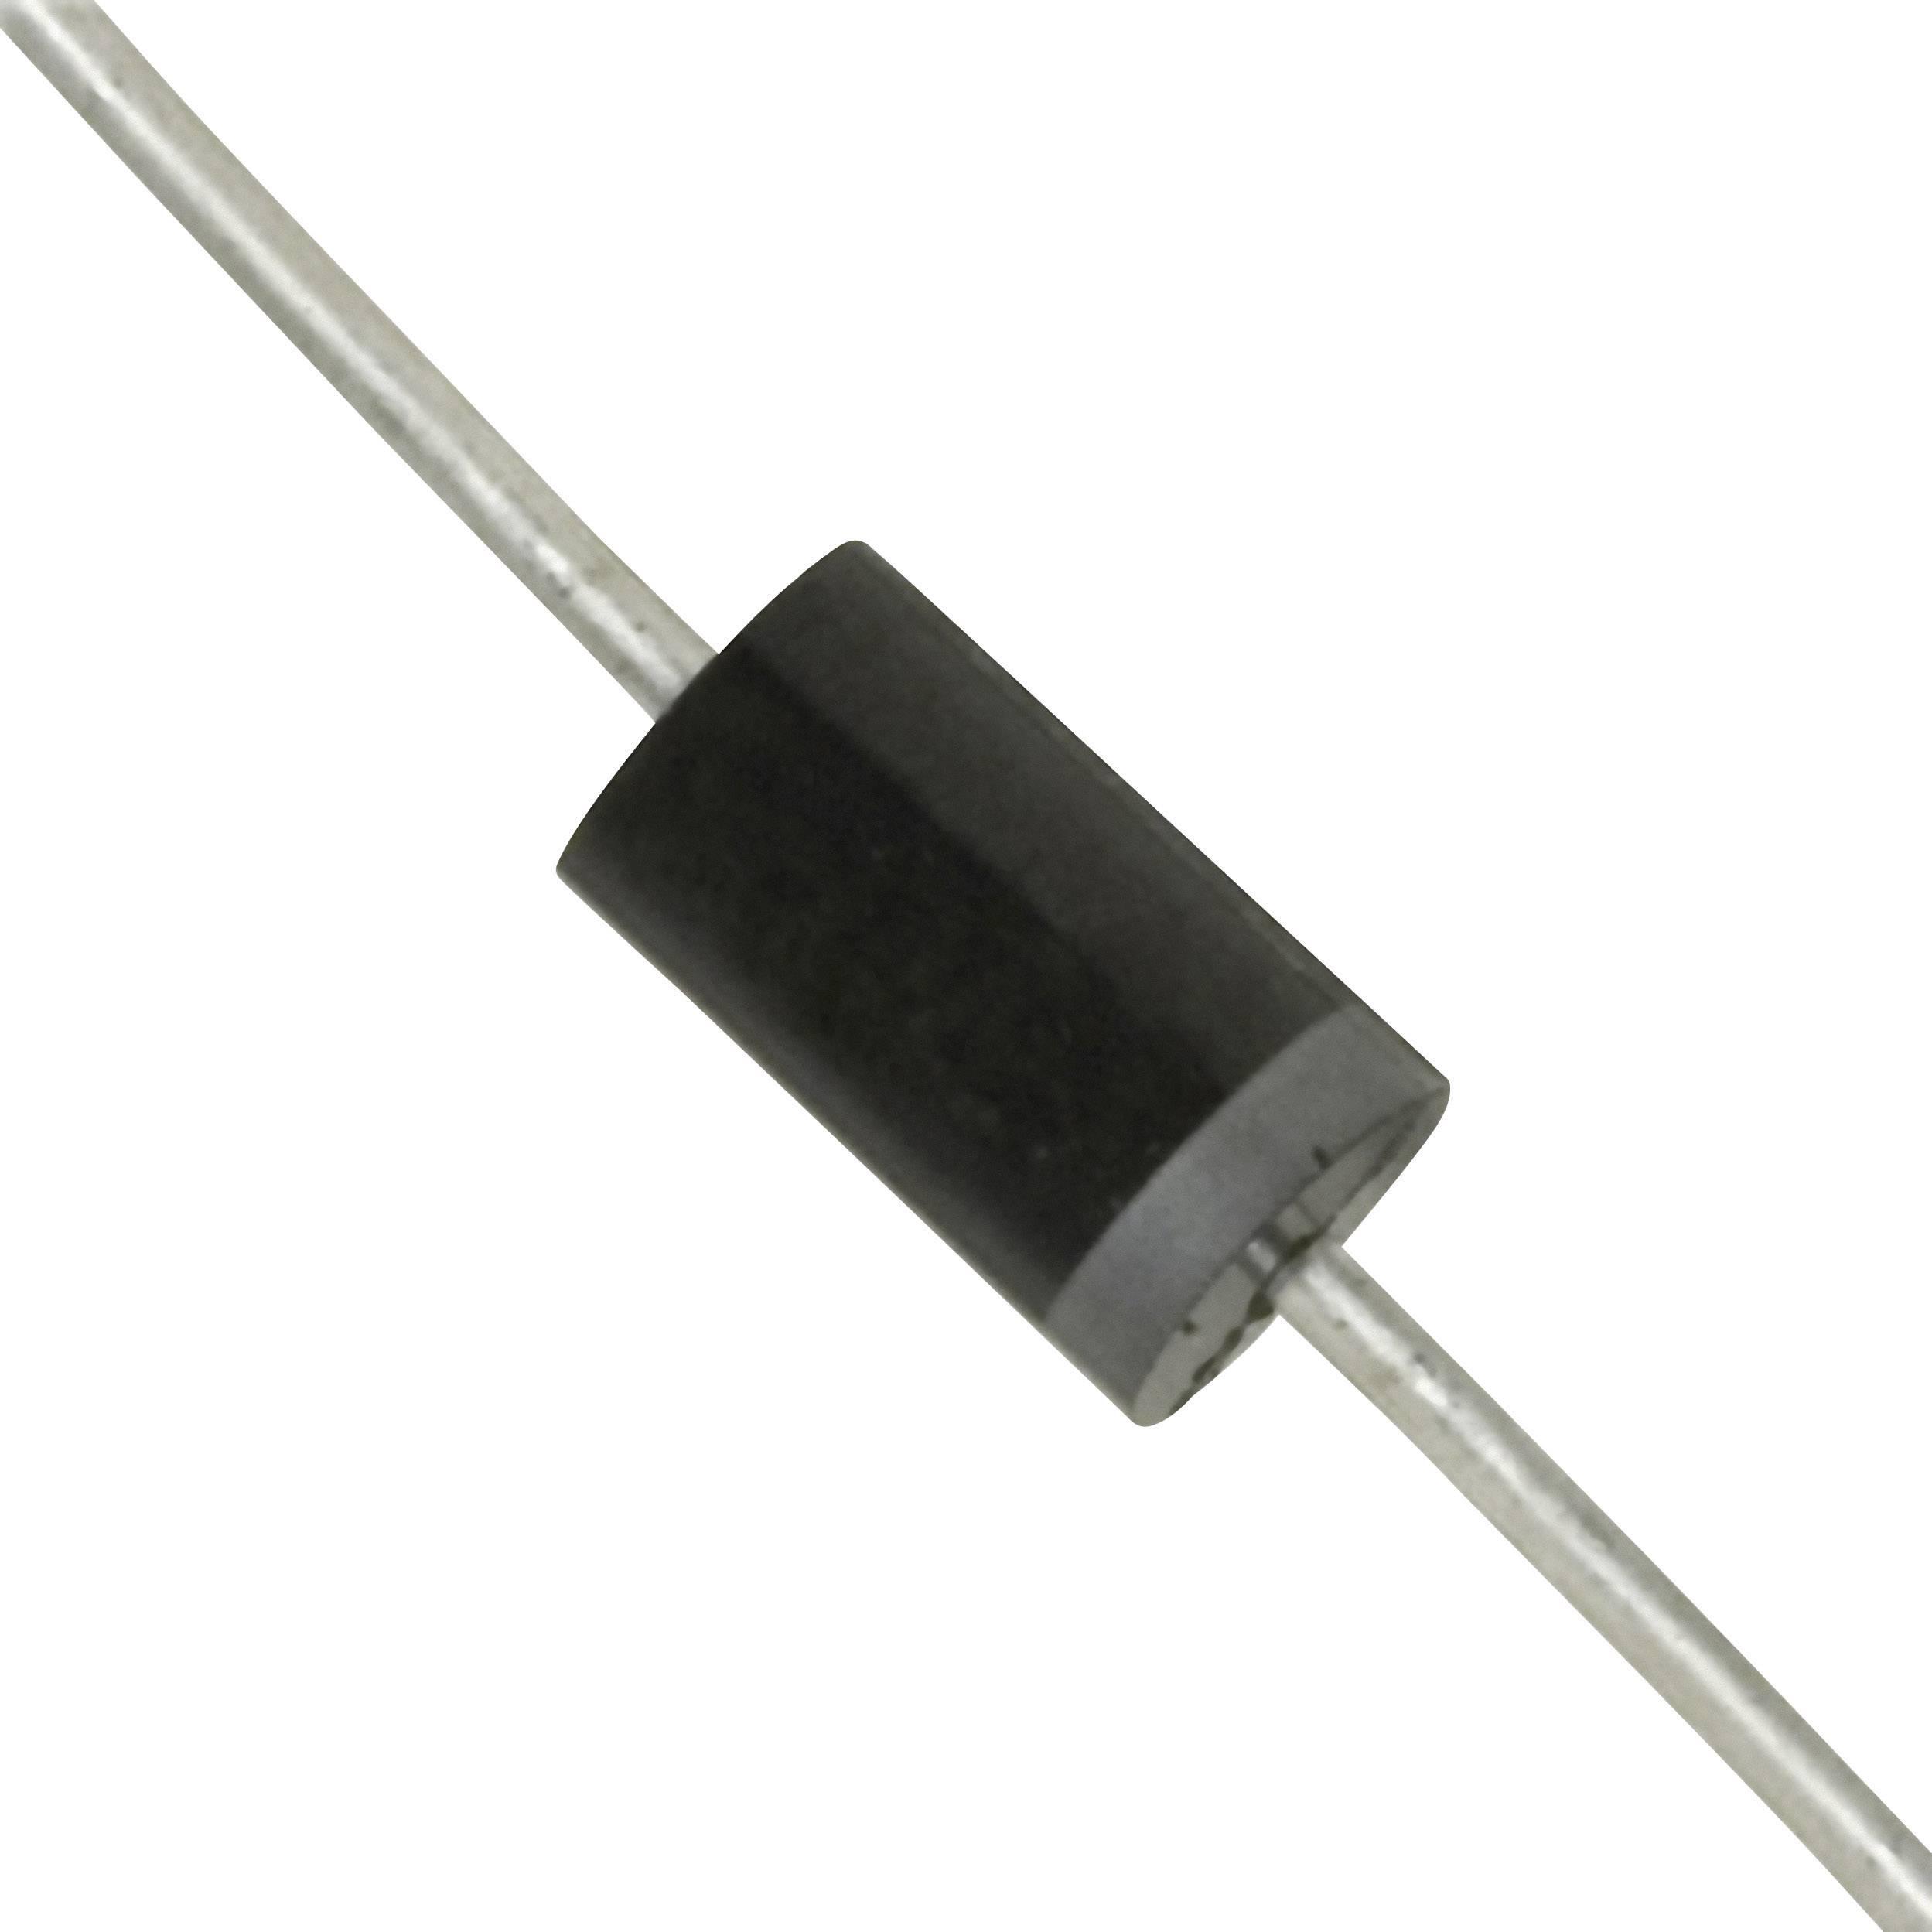 Zenerova dioda Diotec ZPD 6,8 V, 500 mW, DO 35 P